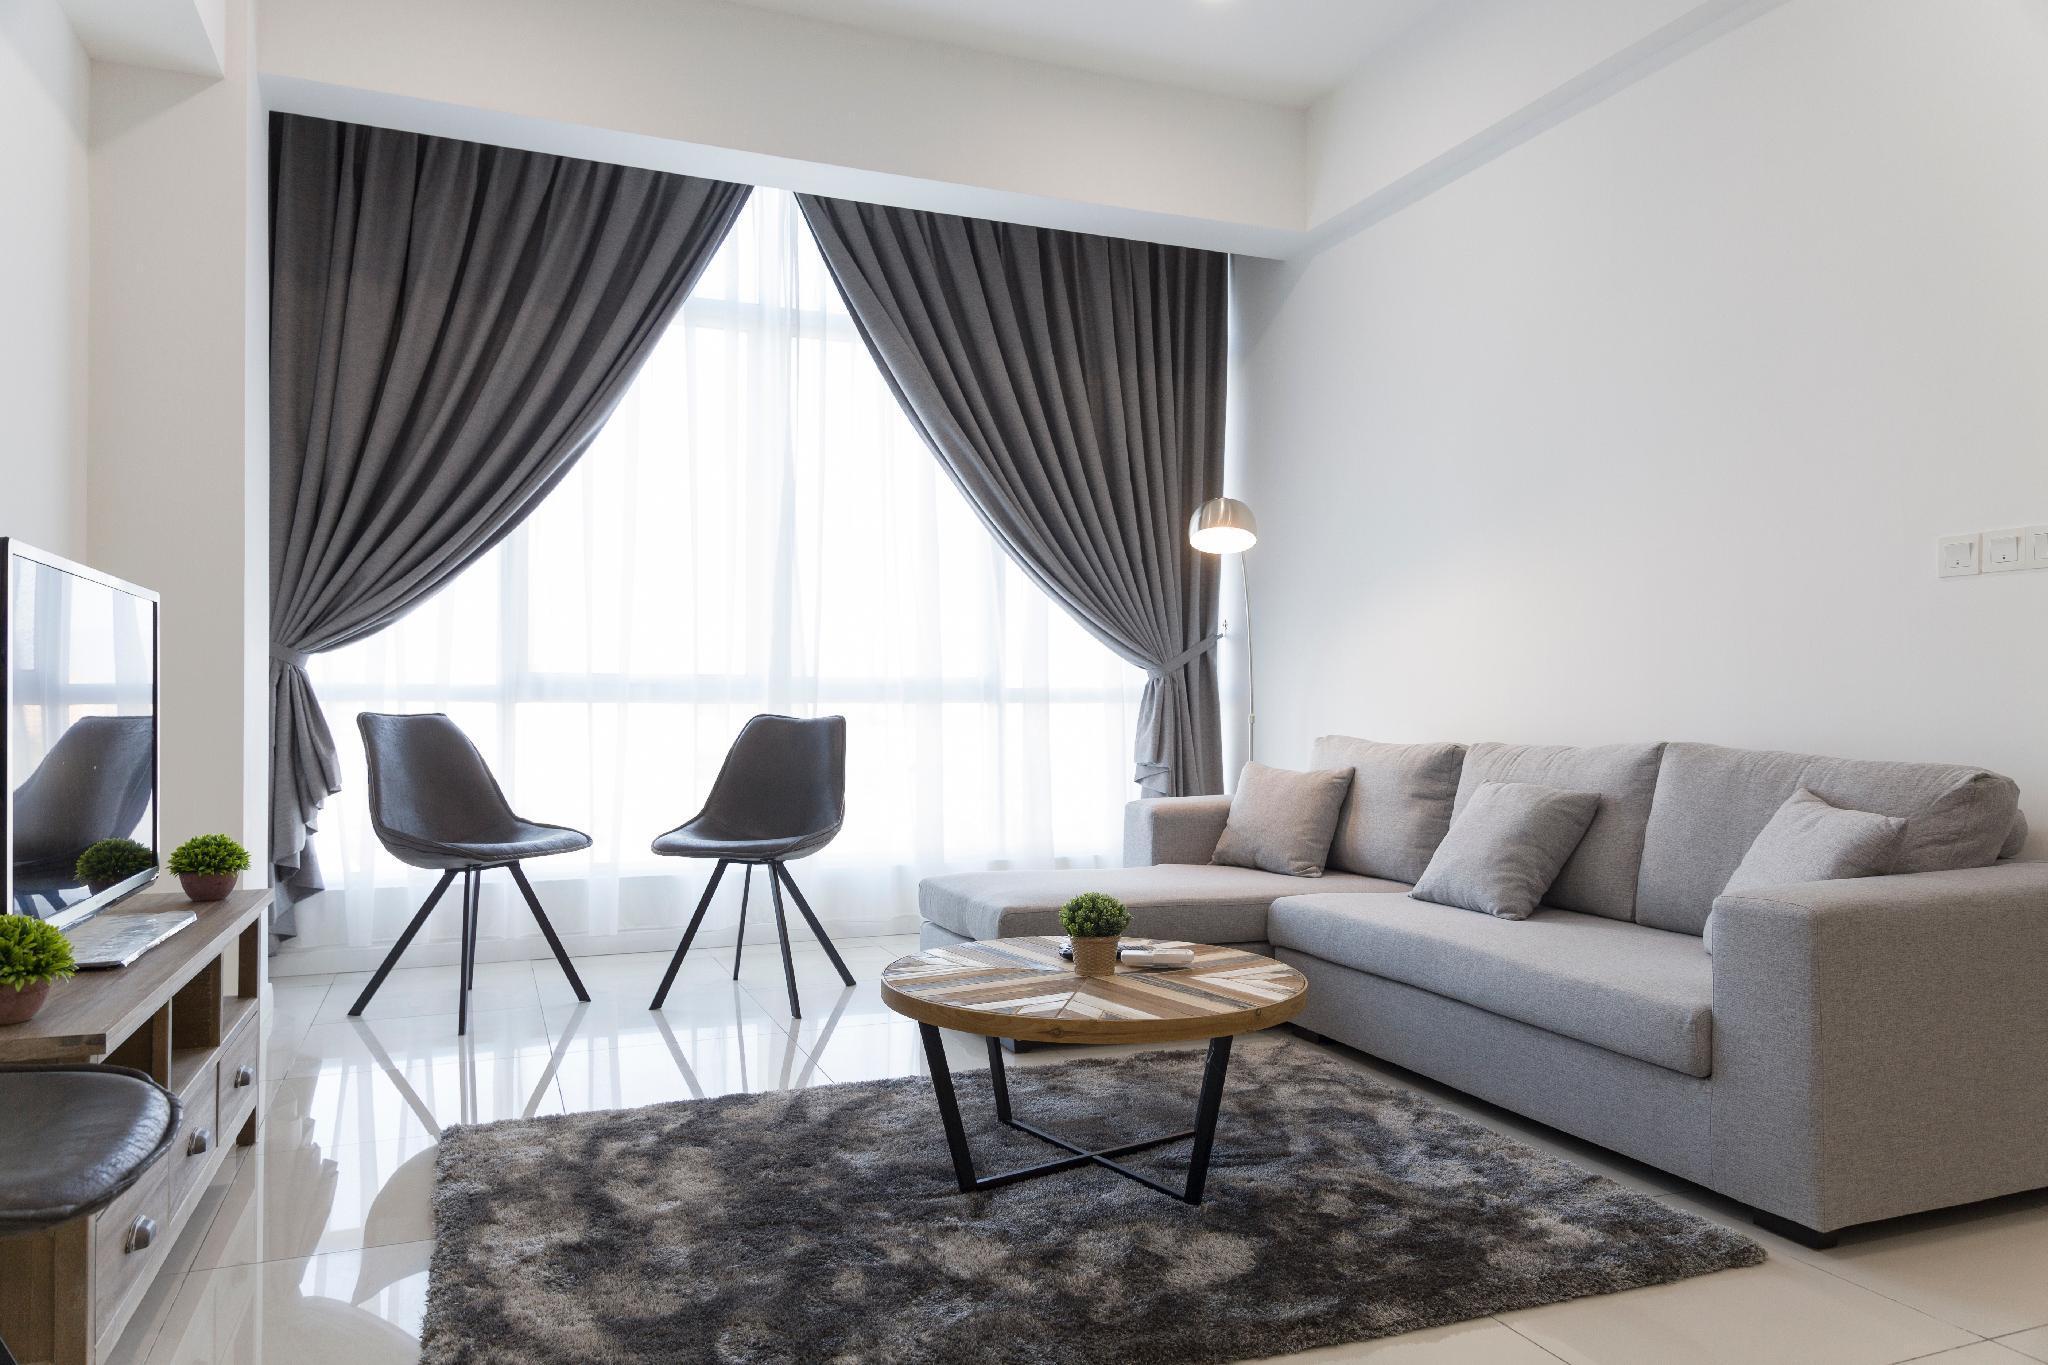 Jio Suites Elegant Simplicity@Sutera Avenue